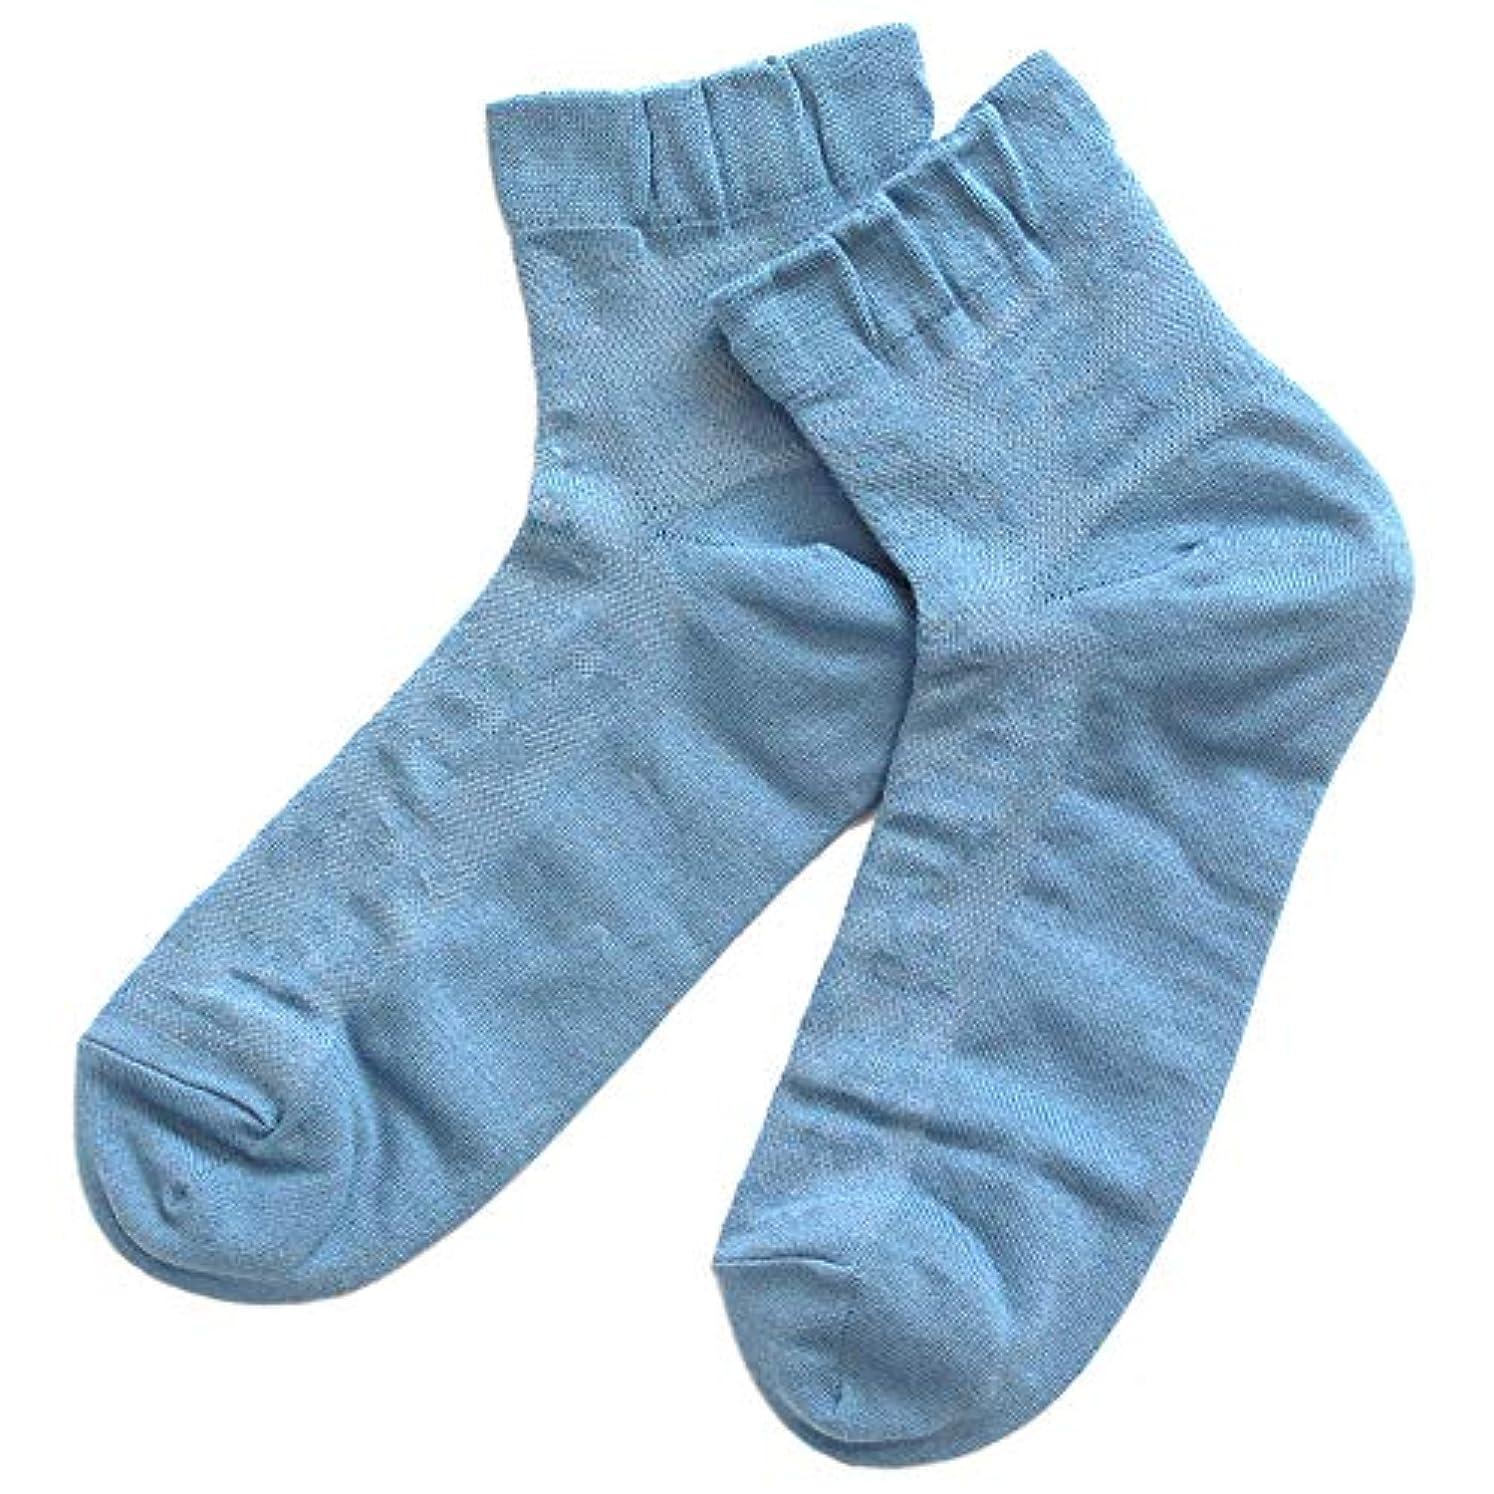 放棄まろやかなながら温むすび かかとケア靴下 【足うら美人メッシュタイプ 女性用 22~24cm ブルー】 ひび割れ ケア 夏用